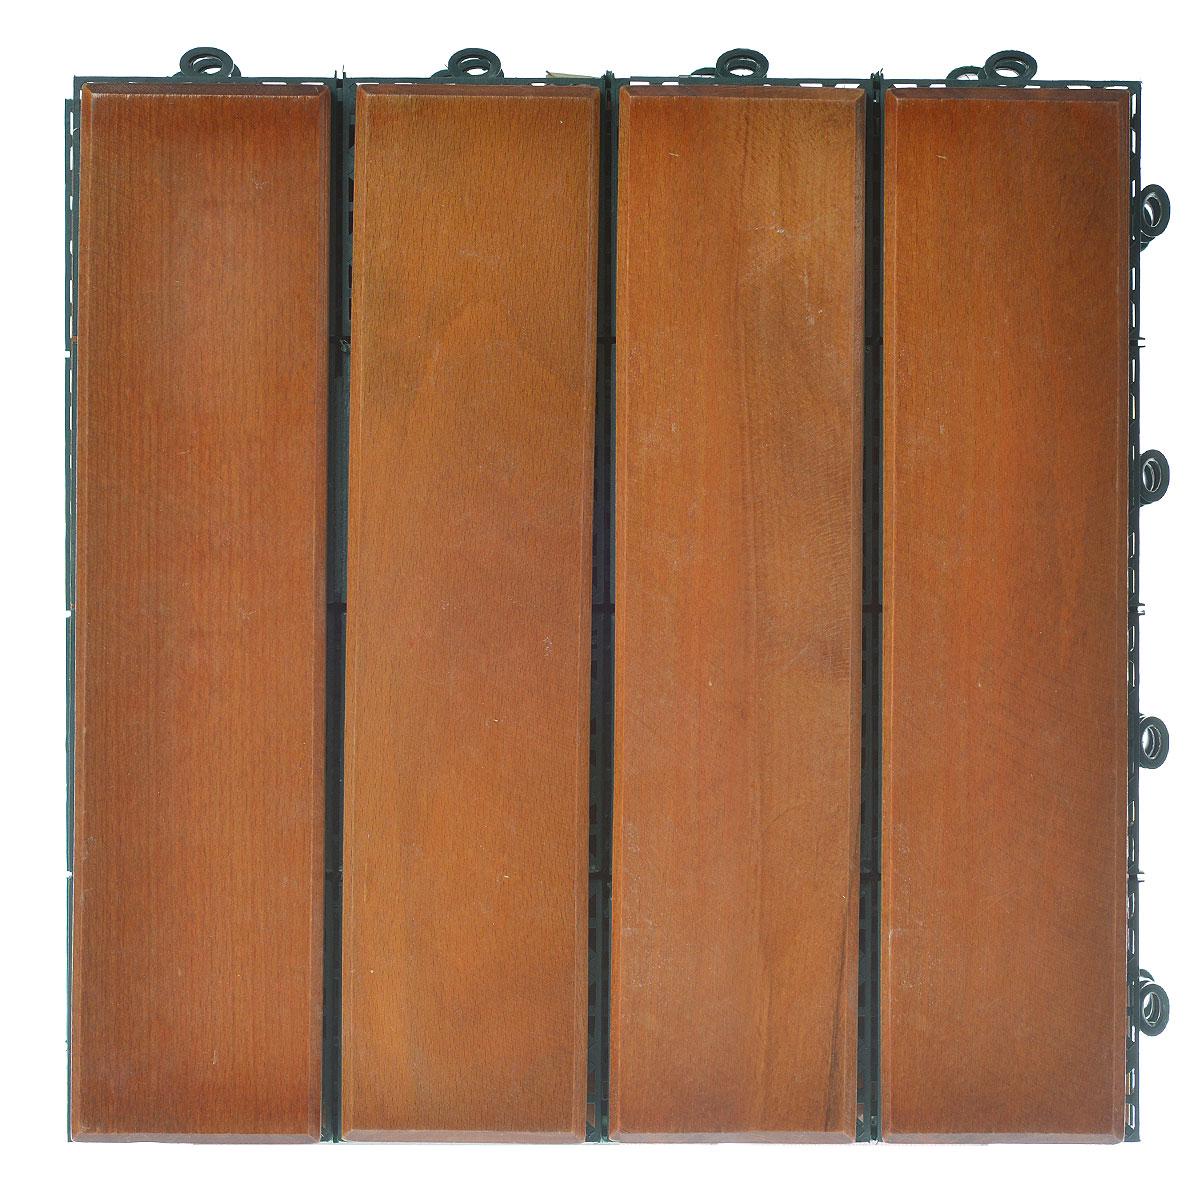 Покрытие Konex Декинг, цвет: дуб, 30 см х 30, 4 шт. ПД-ДRSP-202SПокрытие Konex Декинг состоит из 4 секций, изготовленных из высококачественного дерева, основа выполнена из полипропилена. Покрытие предназначено для создания дополнительного (отделочного) слоя пола в различных помещениях бытового и хозяйственного назначения (коридоры, веранды, сауны и бани, ванные комнаты, балконы), а также для быстрого обустройства открытых площадок и дорожек (спортивные и детские площадки, зоны отдыха, садовые дорожки, террасы, палубы, причалы, бассейны) на подготовленных площадях.Размер секции: 30 см х 30 см х 3 см.Количество секций: 4 шт.